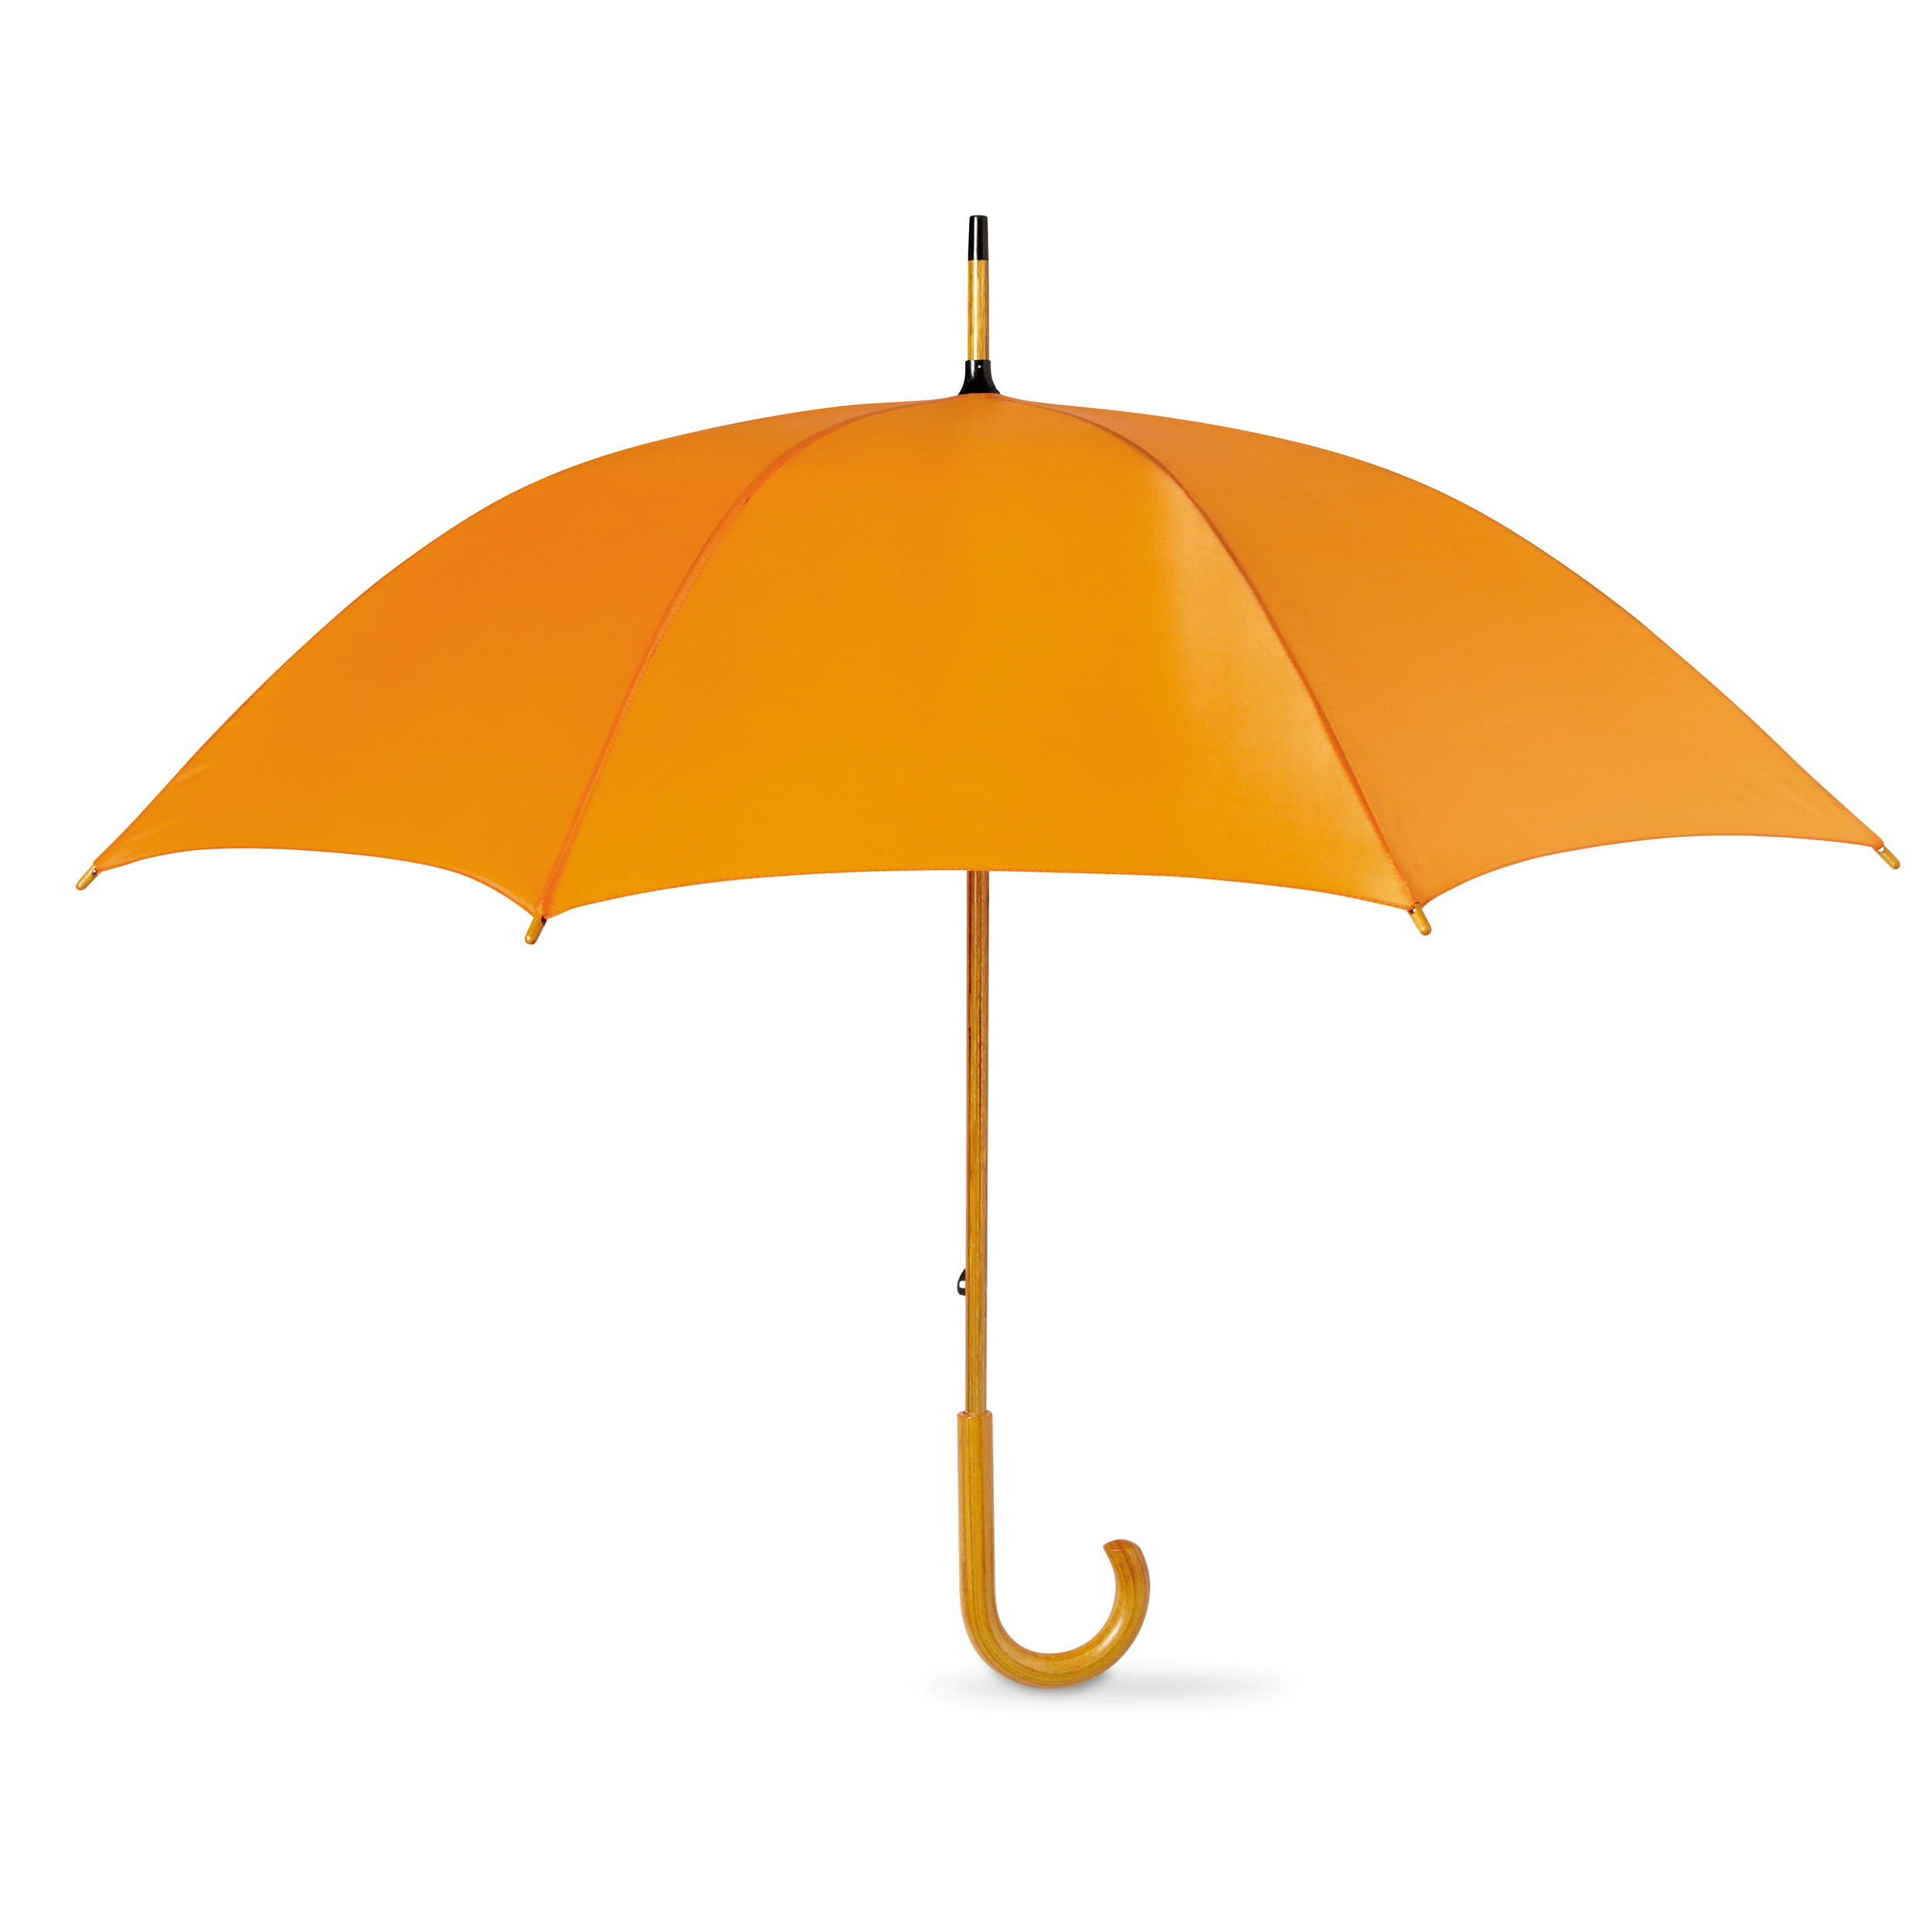 Classique-parapluie-en-bois-Crochu-Poignee-Manuel-Ouverture-106Cm-Environ-107cm